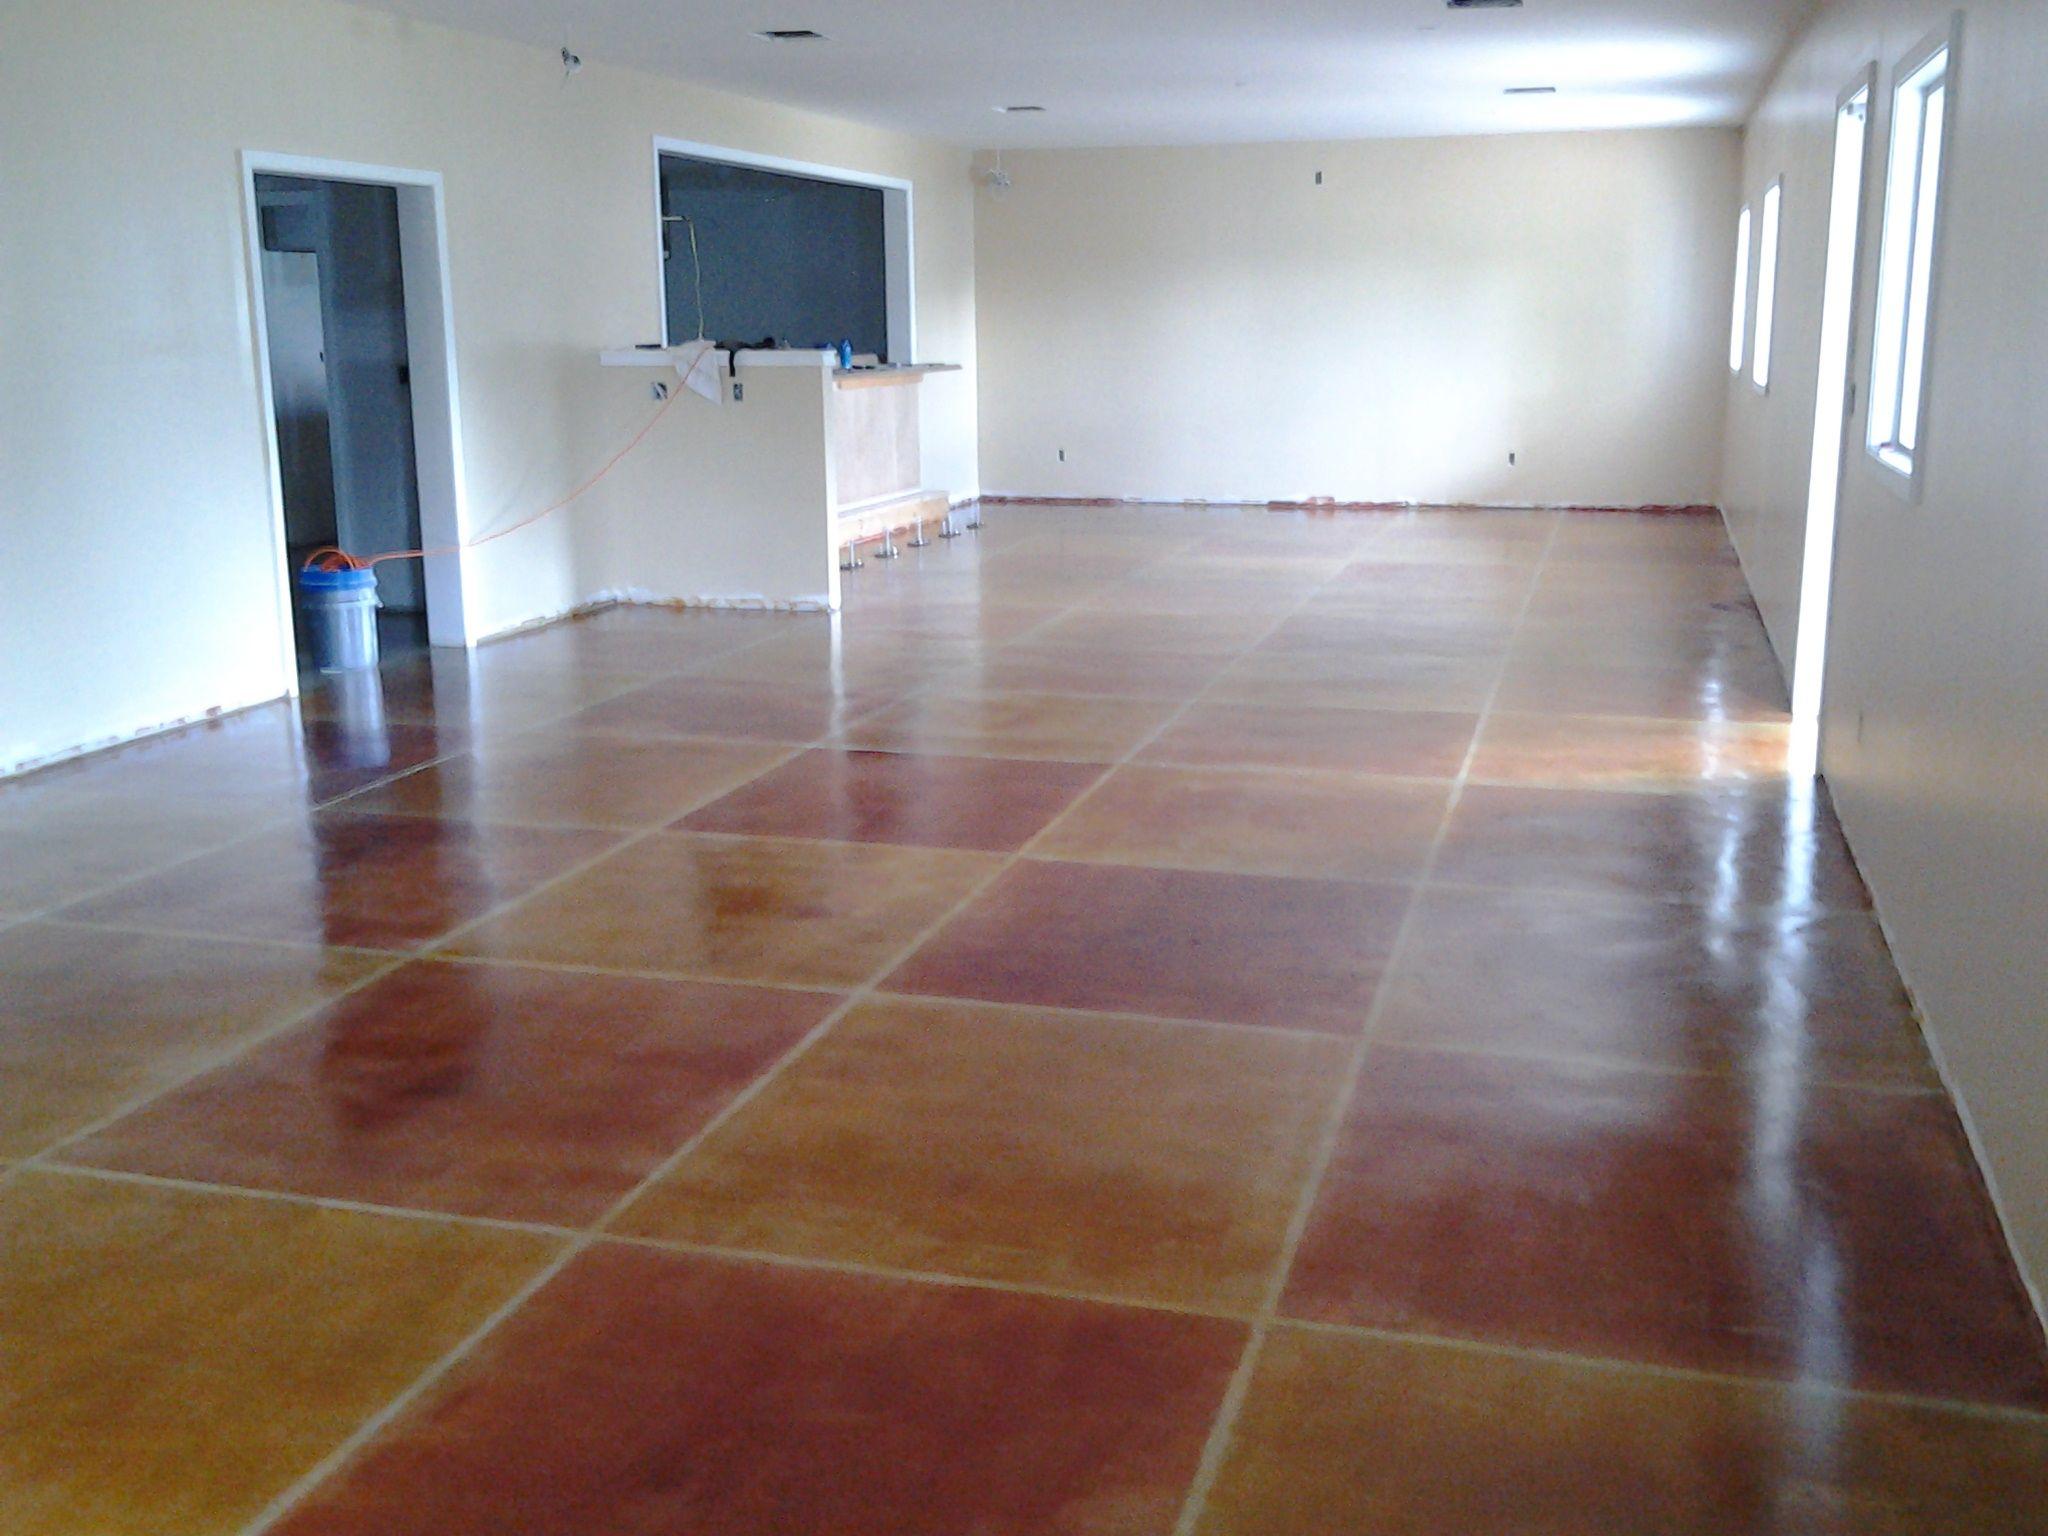 Condo With Unique Use Of Elite Crete Systems Hydra Stone Dye Stain Concrete Decor Quartz Flooring Interior And Exterior